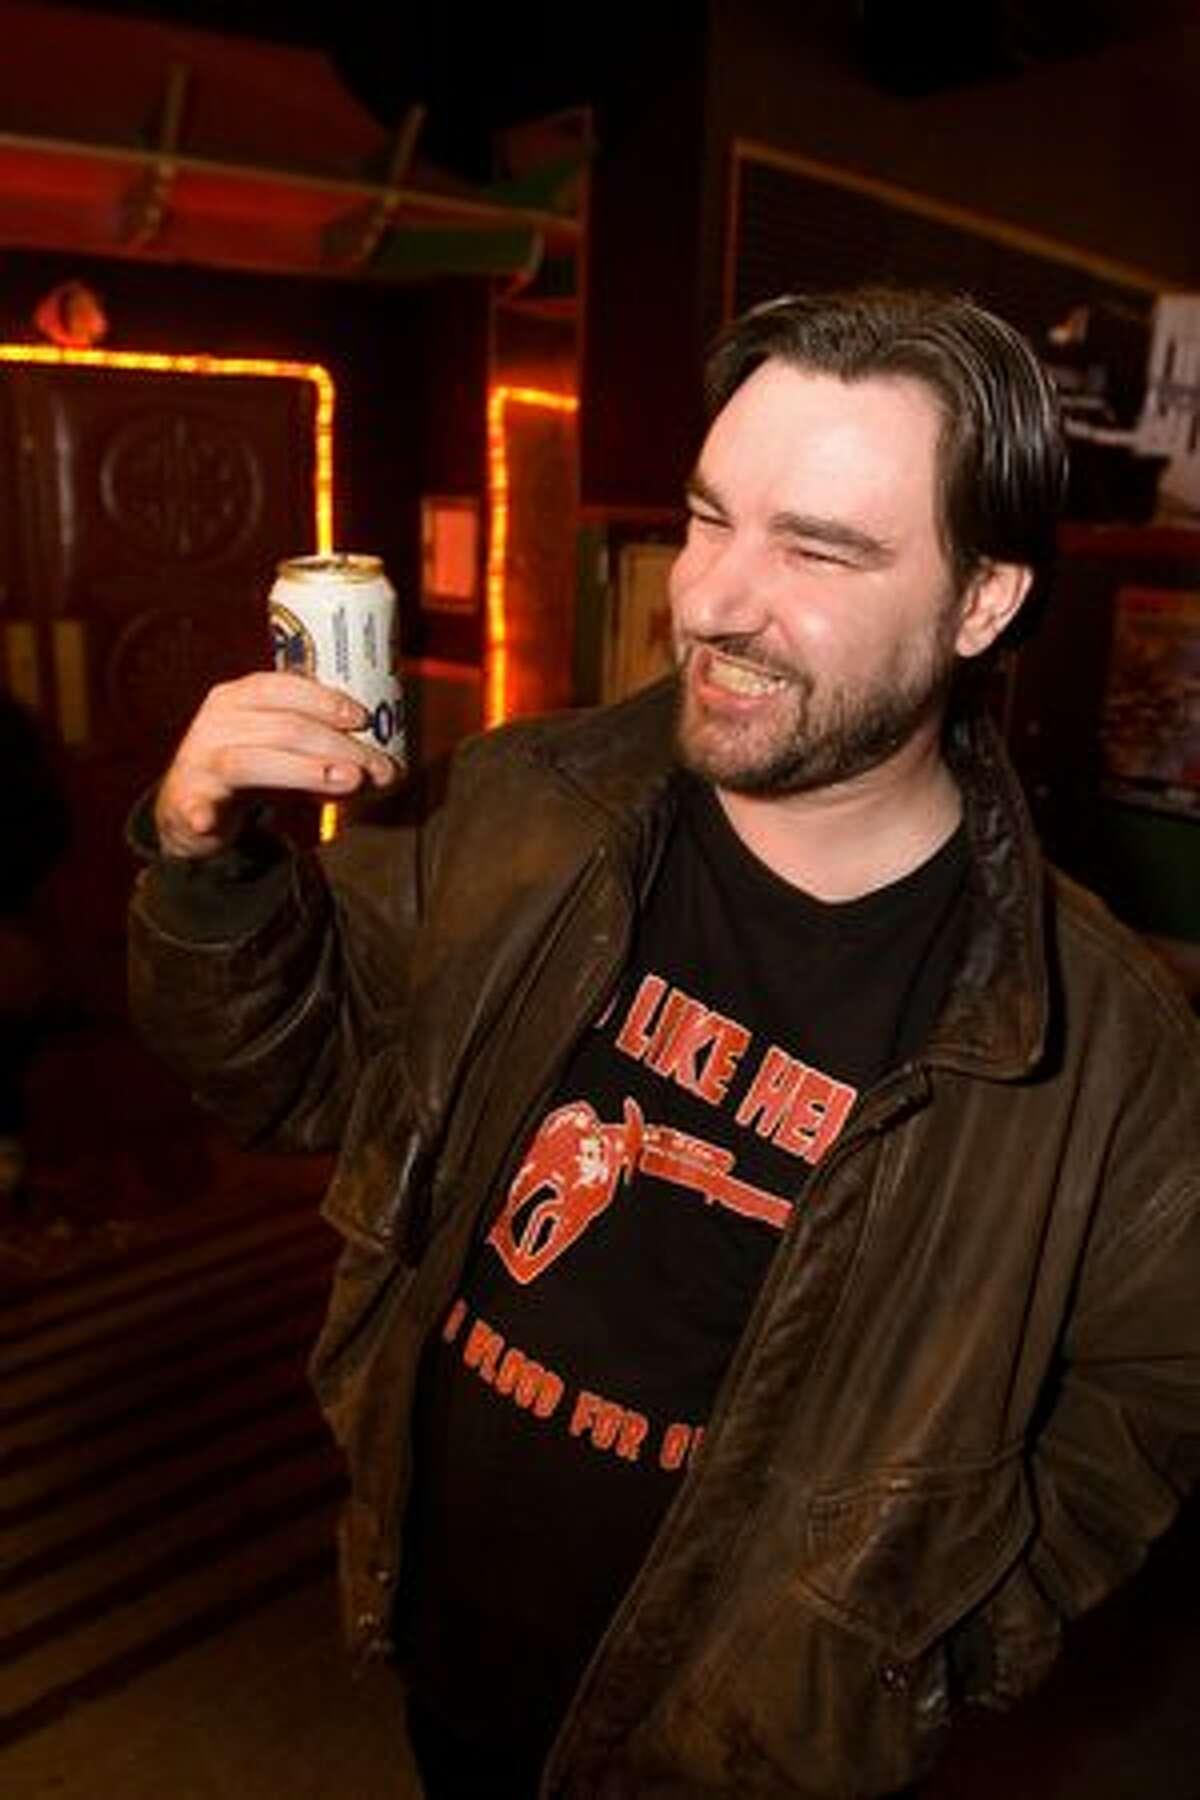 Joe Iron at Chop Suey's Laff Hole on March 3, 2010.